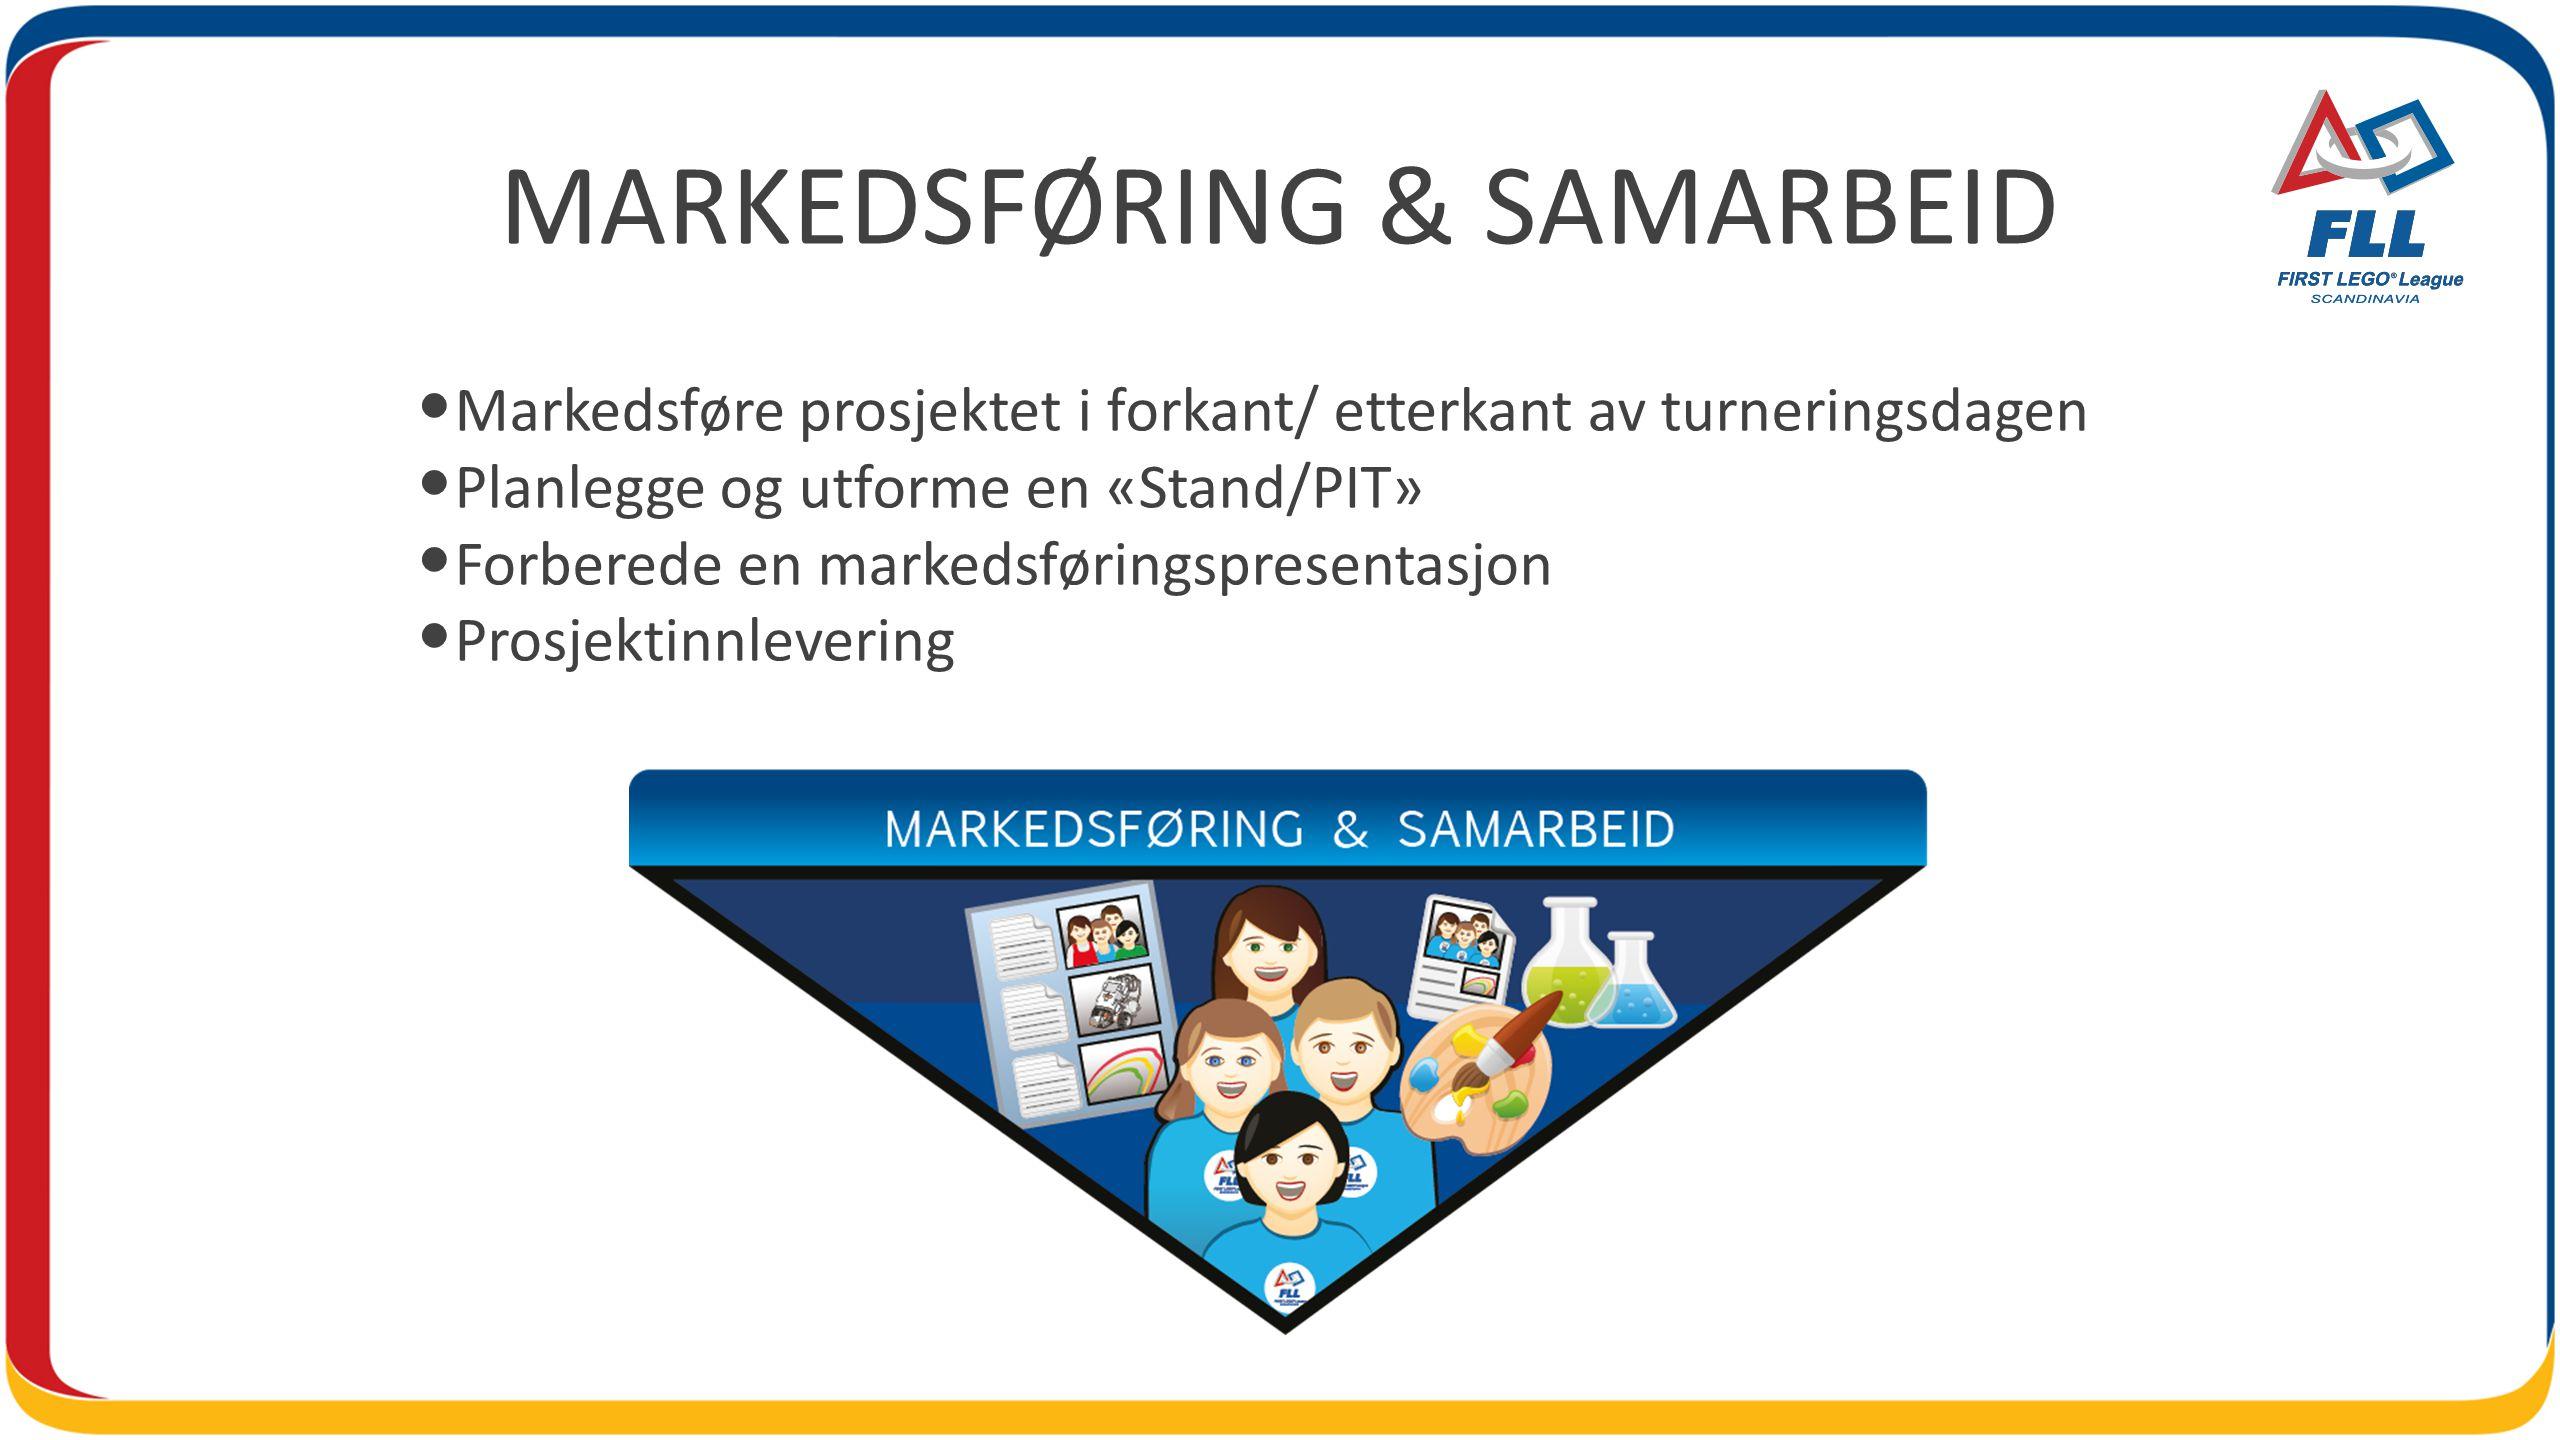 MARKEDSFØRING & SAMARBEID